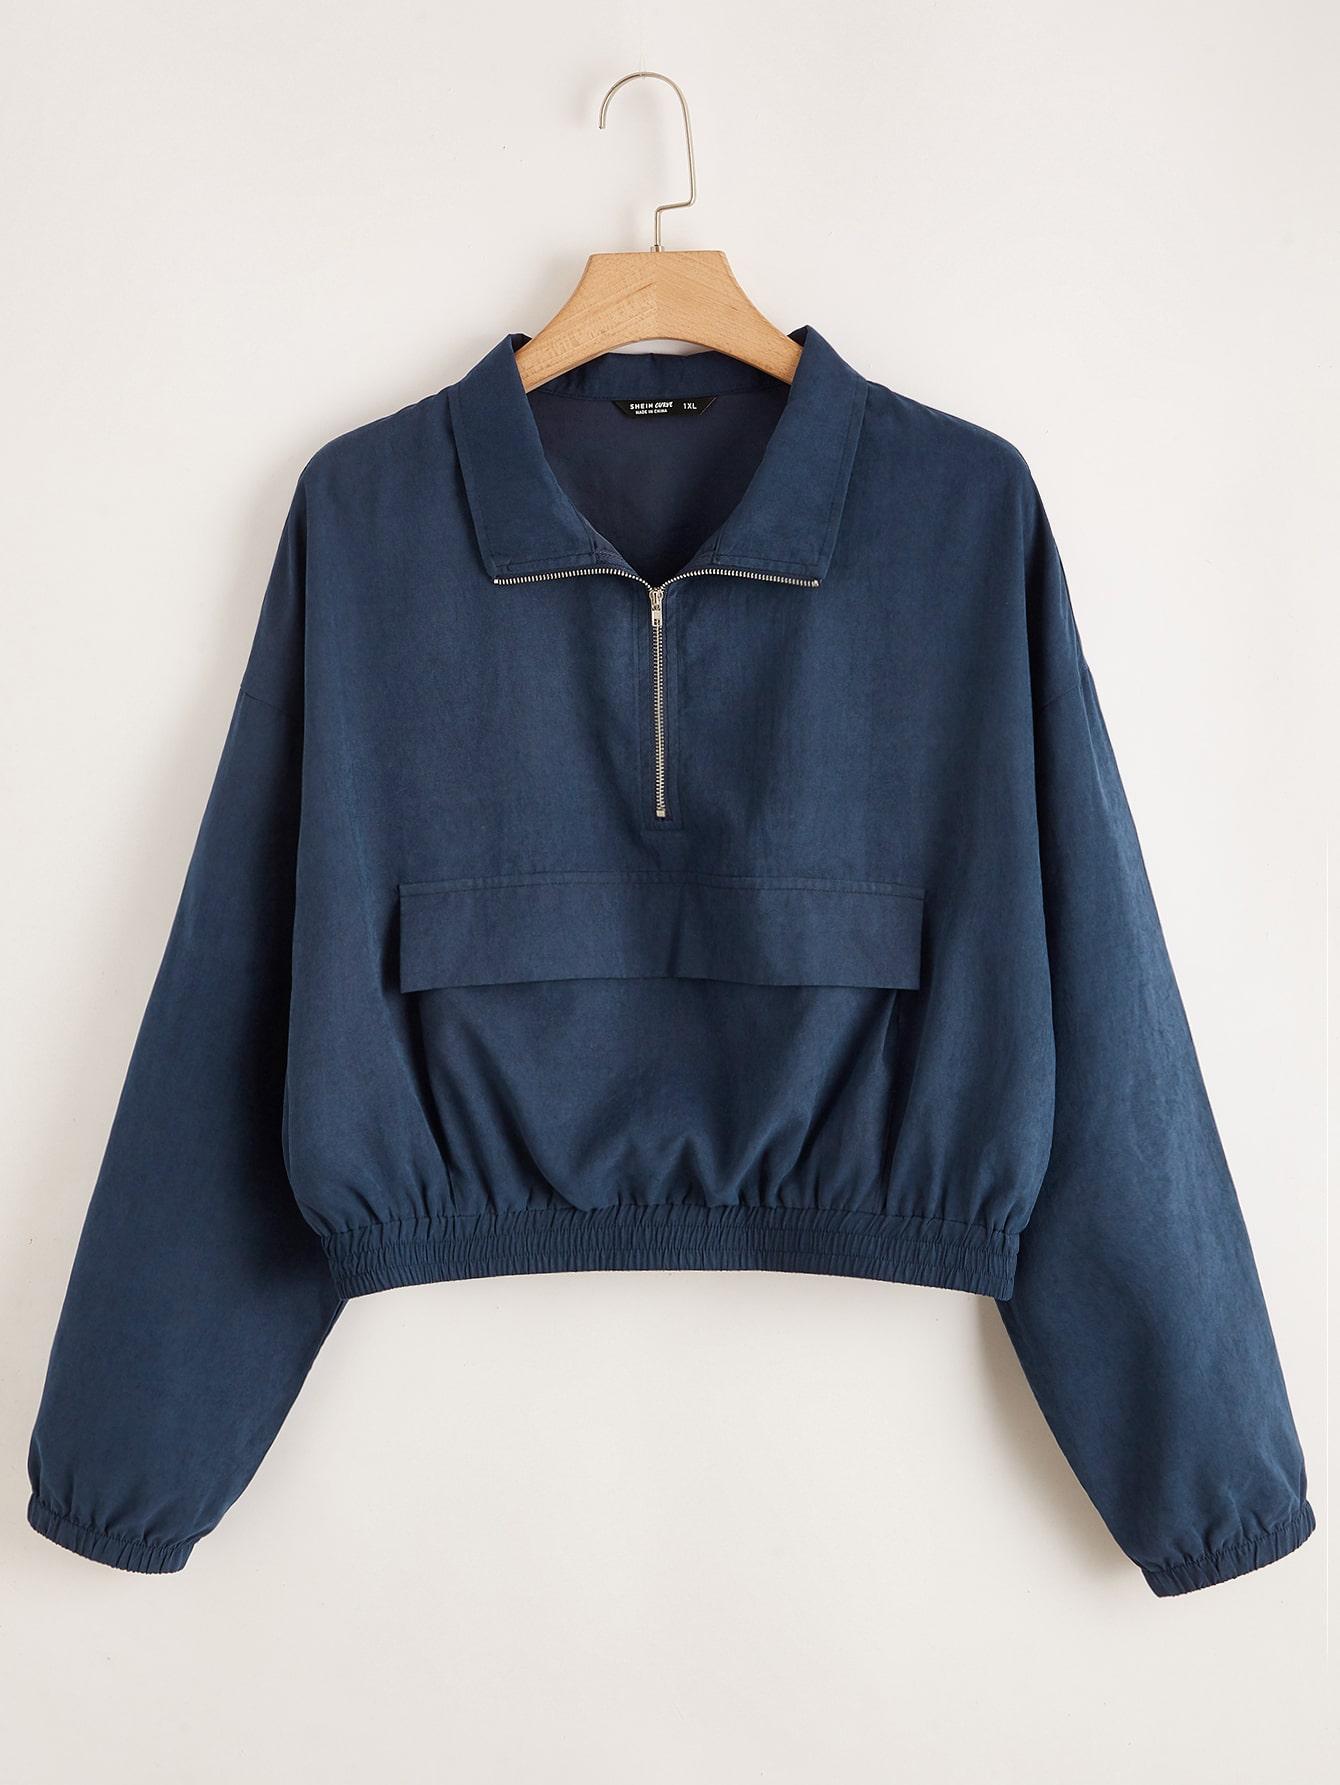 plus half zip up drop shoulder jacket